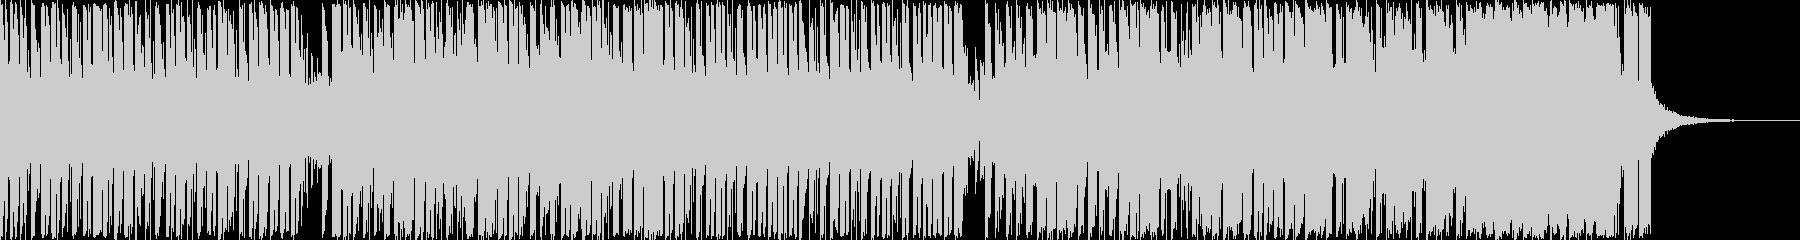 1分間クイズのベーシックテクノBGMの未再生の波形